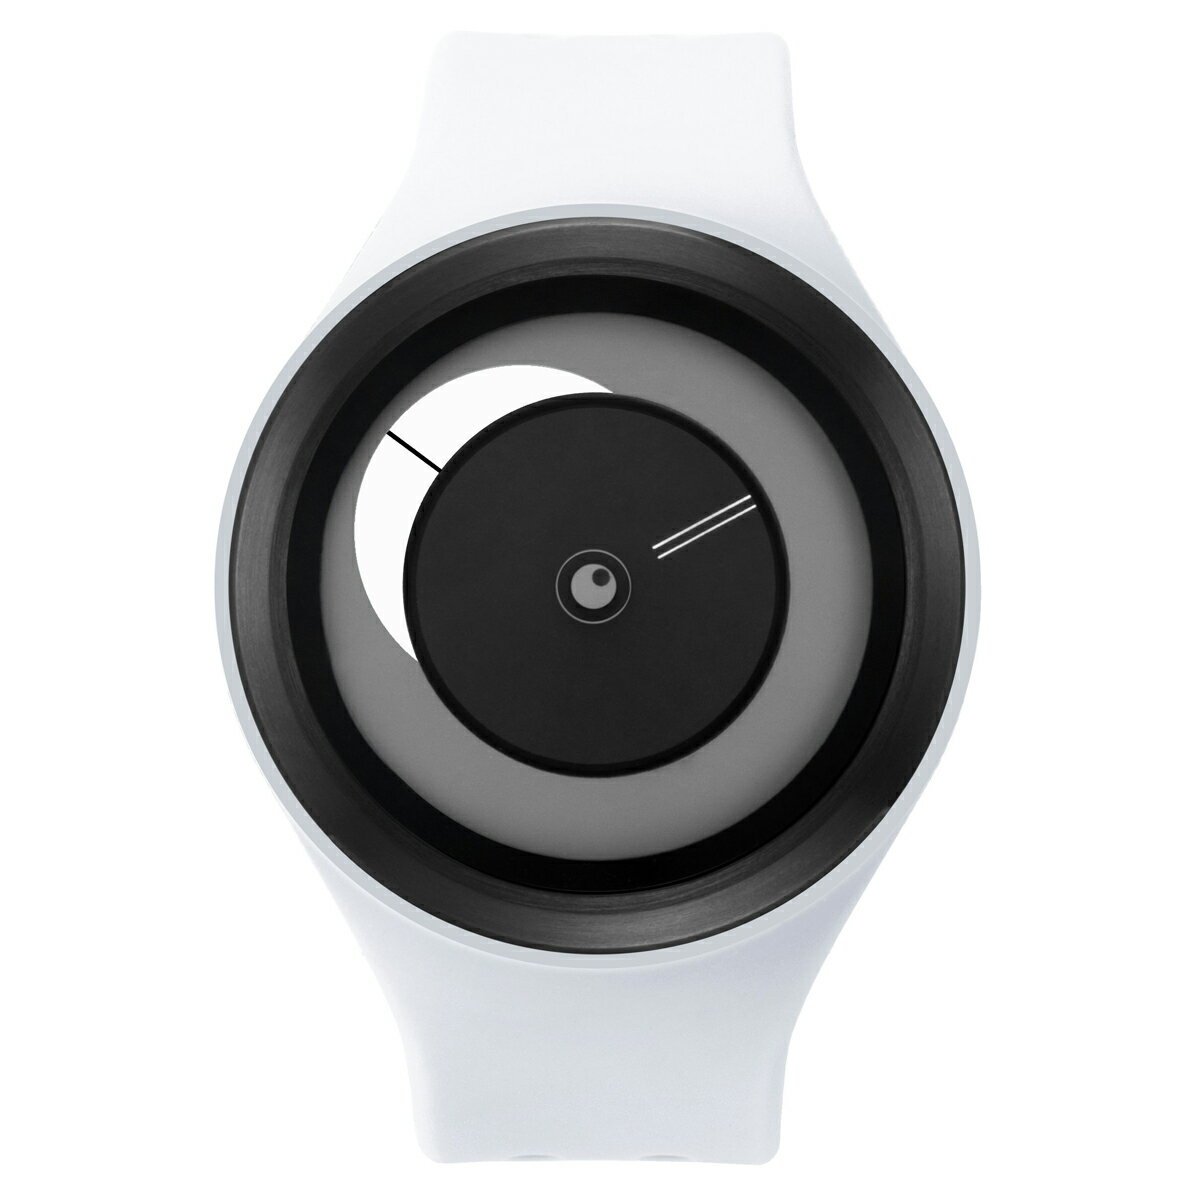 ZEROO CRESCENT MOON ゼロ 電池式クォーツ 腕時計 [W01102B03SR01] ホワイト デザインウォッチ ペア用 メンズ レディース ユニセックス おしゃれ時計 デザイナーズ